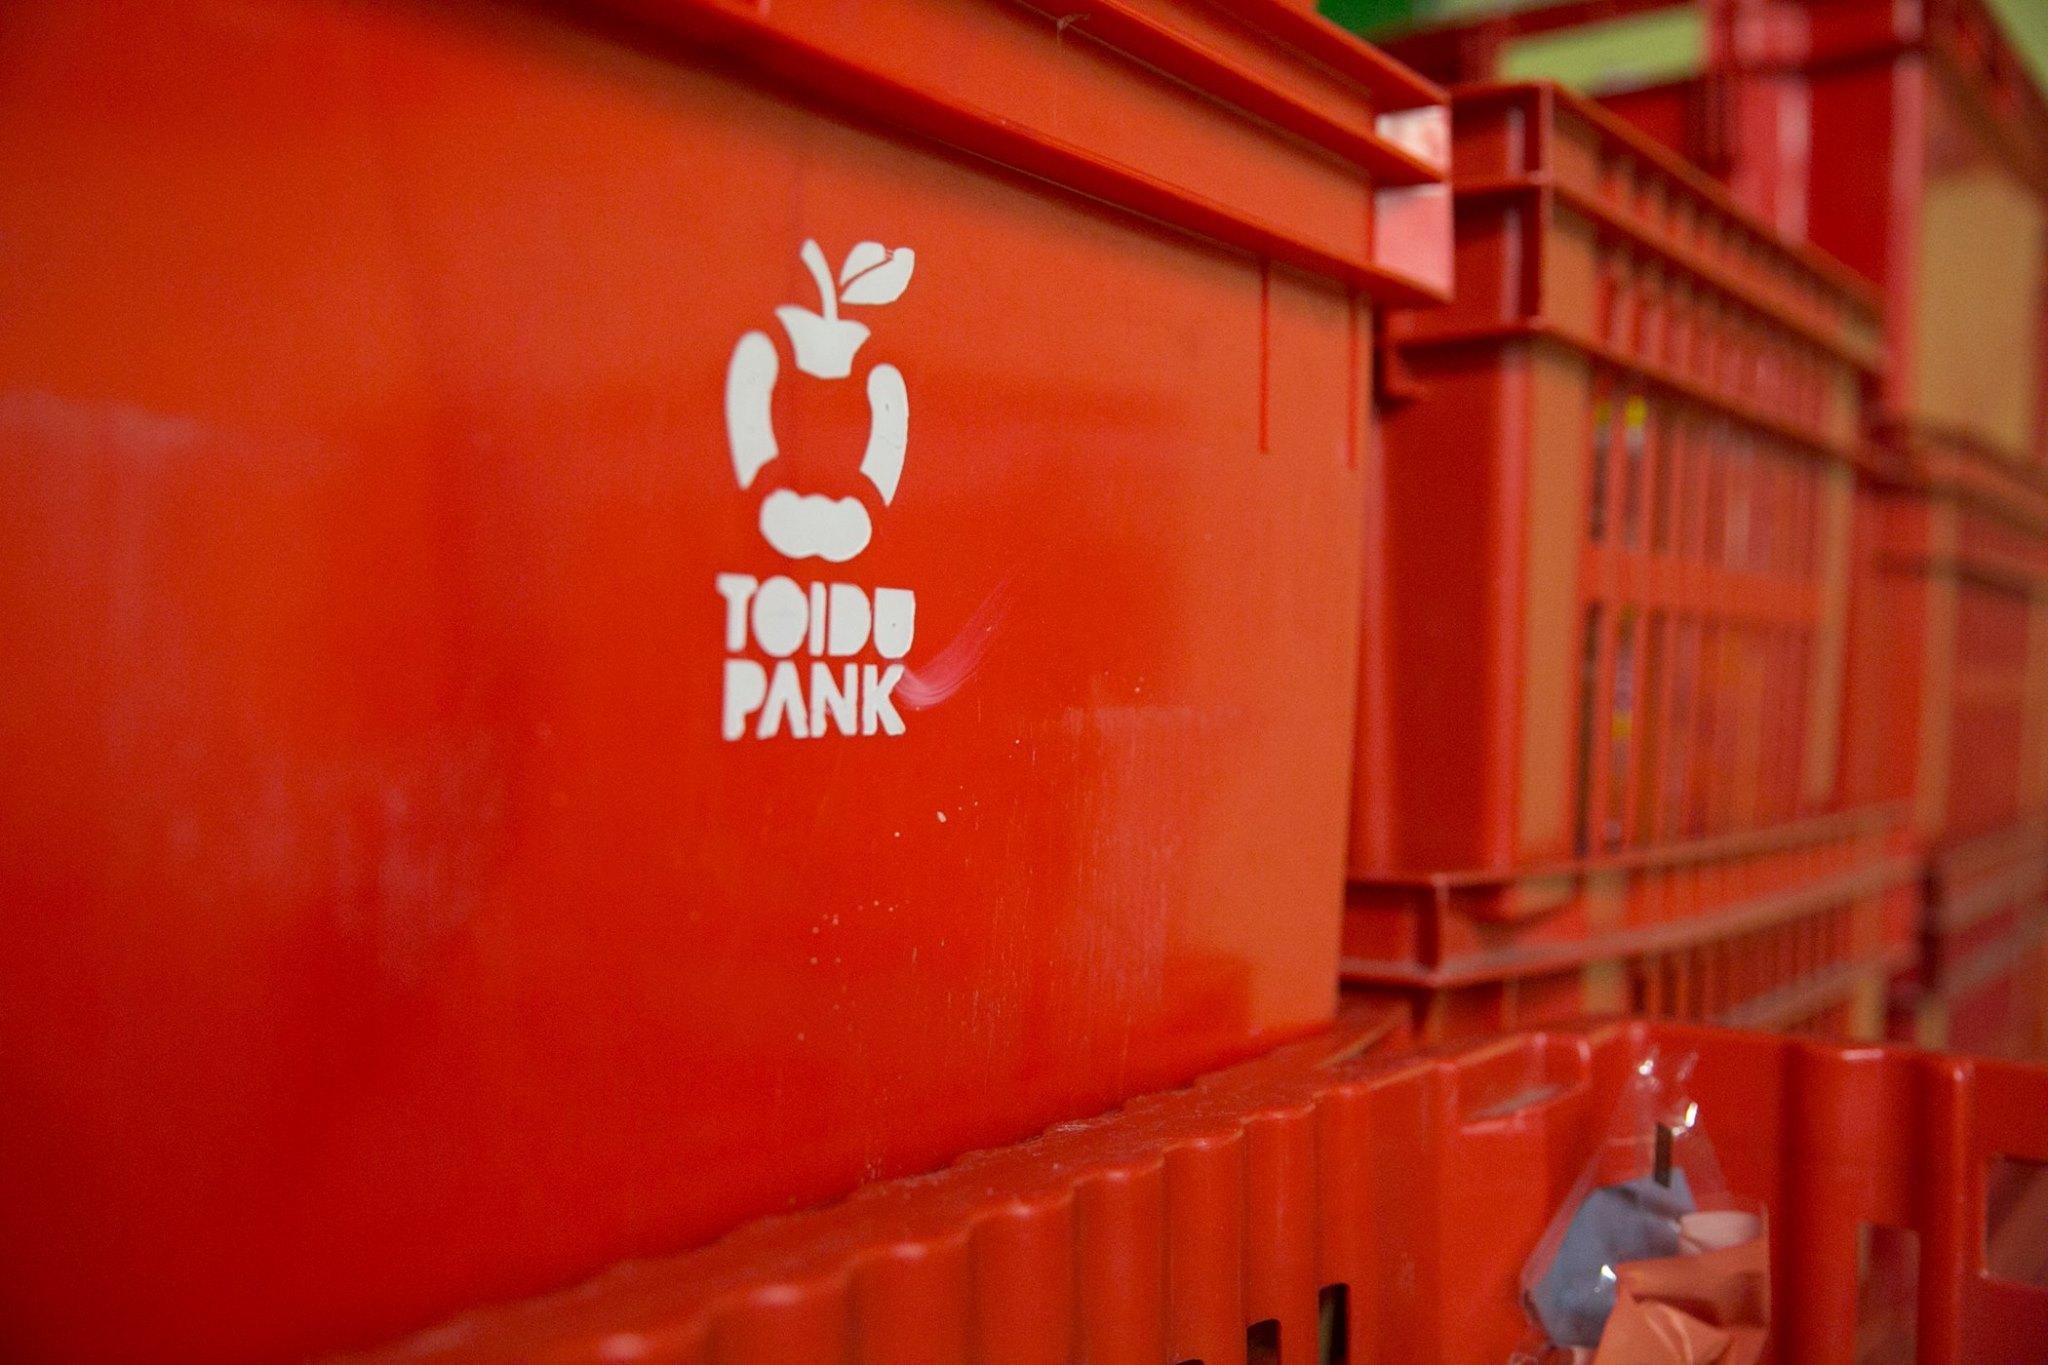 GoodNews kiidab! Toidupanga toidukogumispäevadel koguti üle 40 000 kg toidukaupa